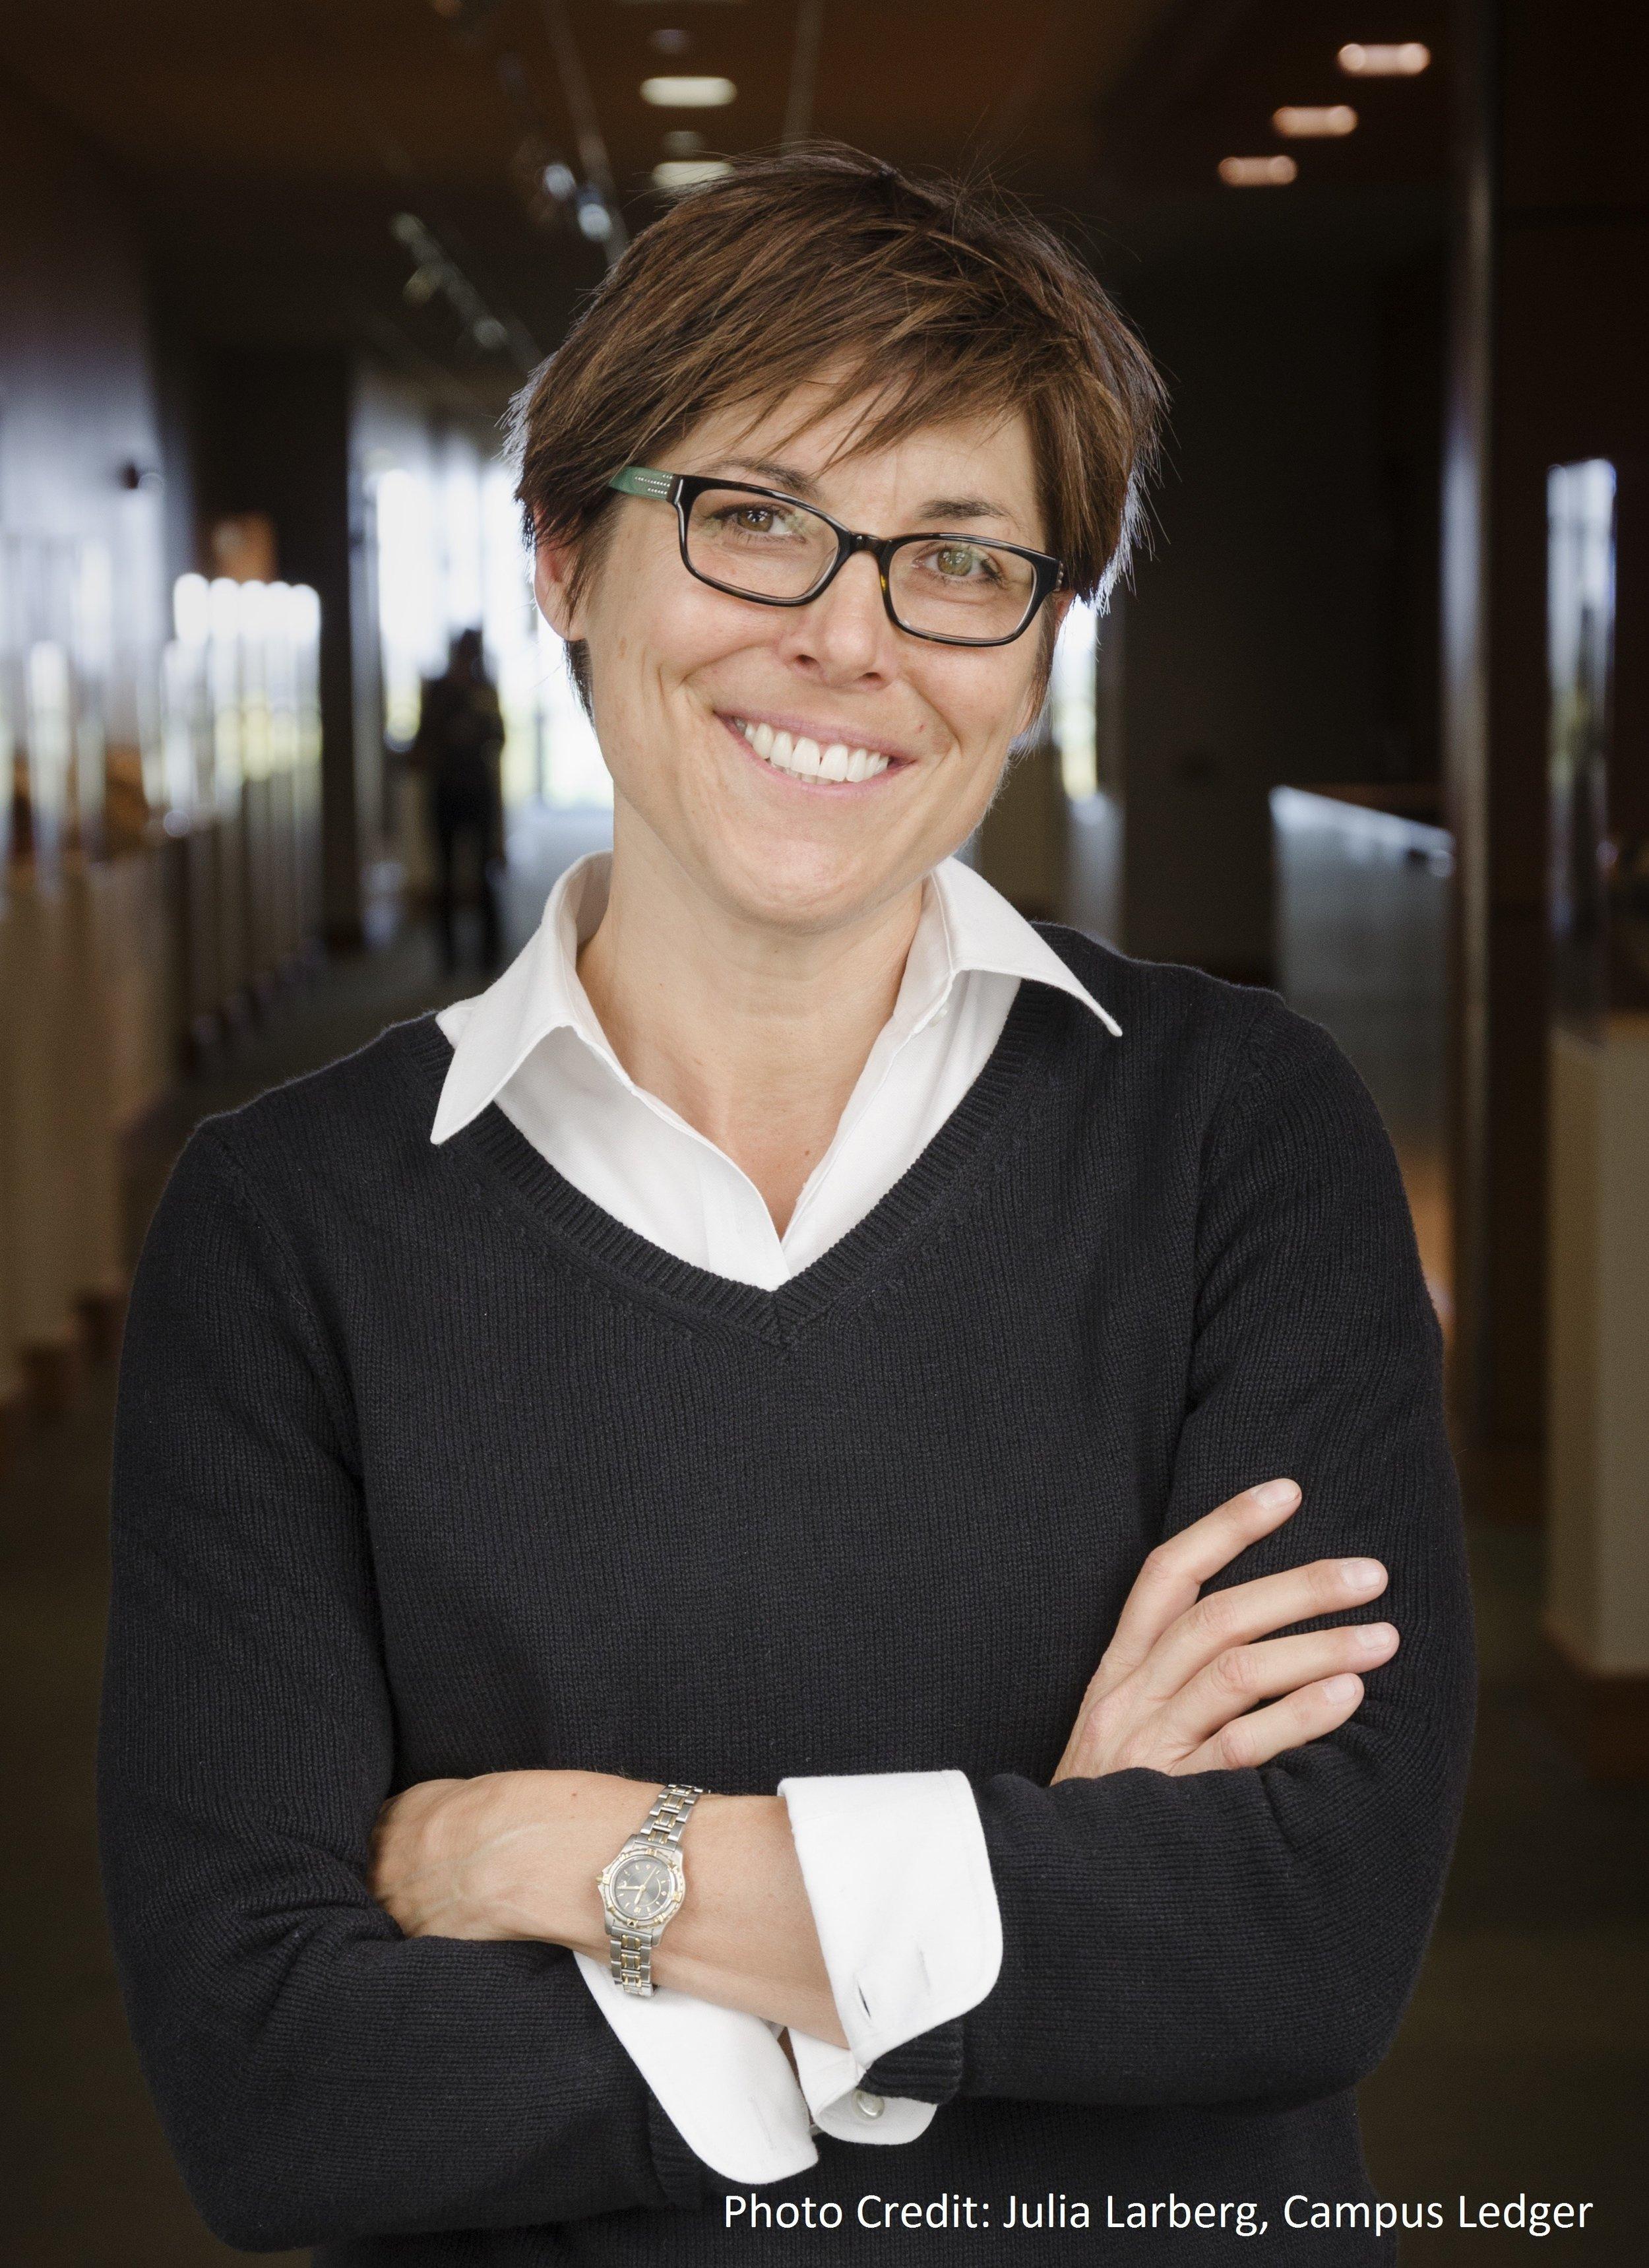 Sandra Moran 1968-2015